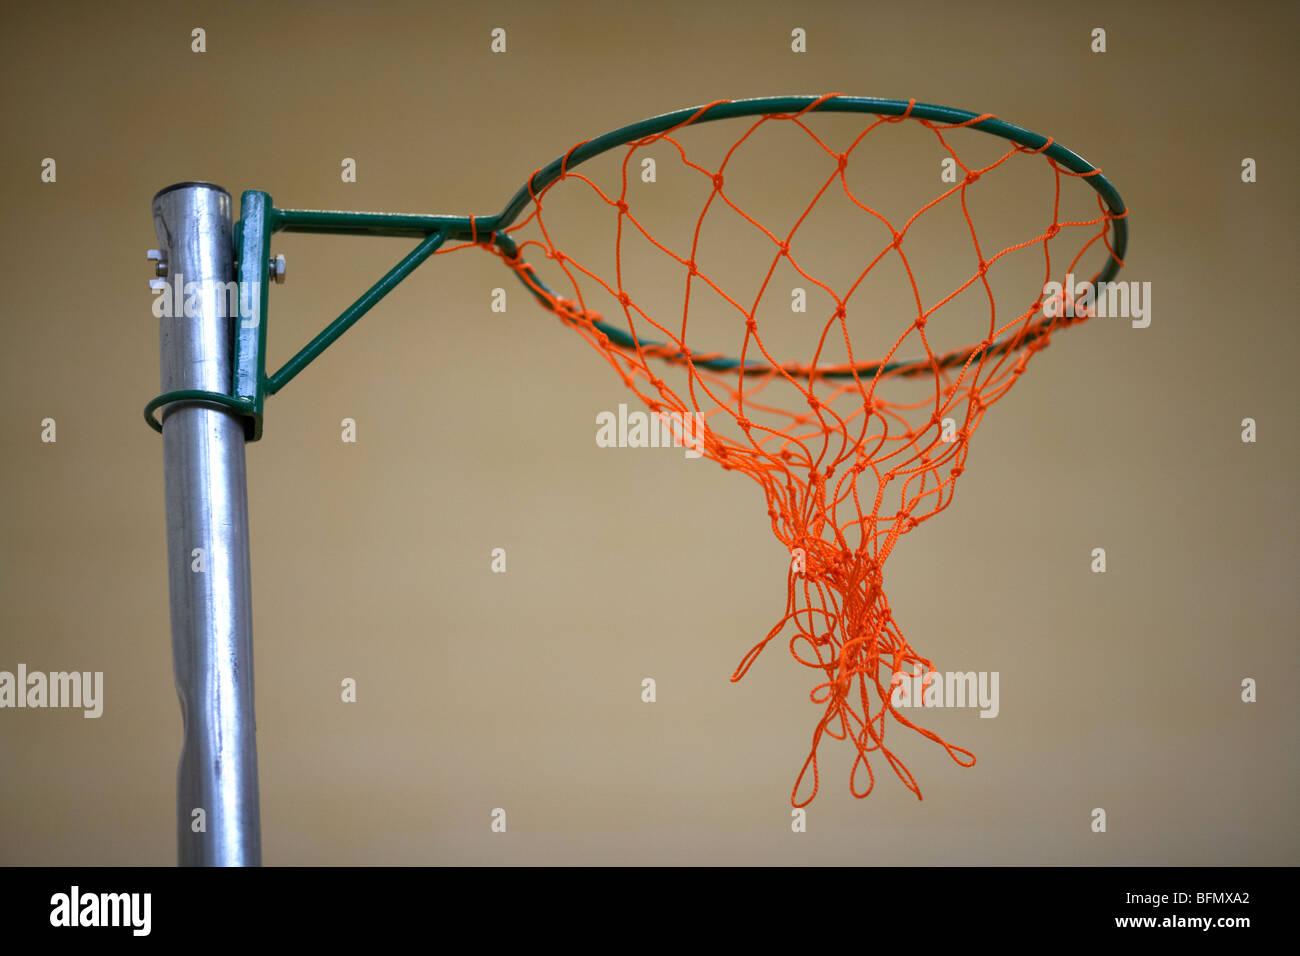 Netball net in una scuola palestra sala sportiva il fuoco selettivo Immagini Stock